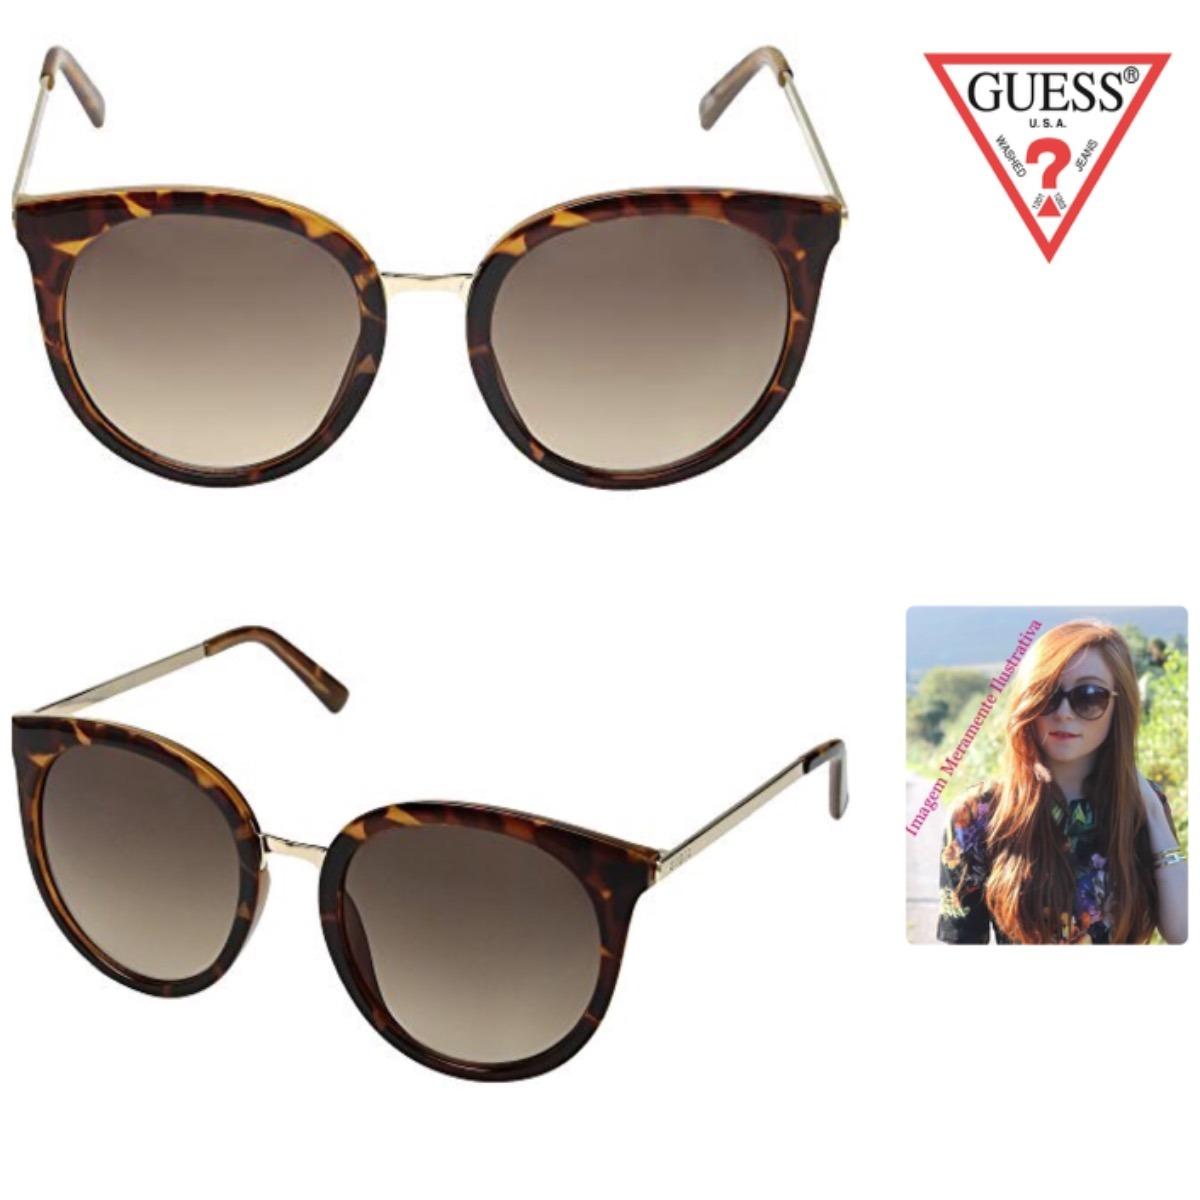 5ea42e3dd Óculos De Sol De Gatinha Guess Original Sem Estojo - R$ 172,00 em ...